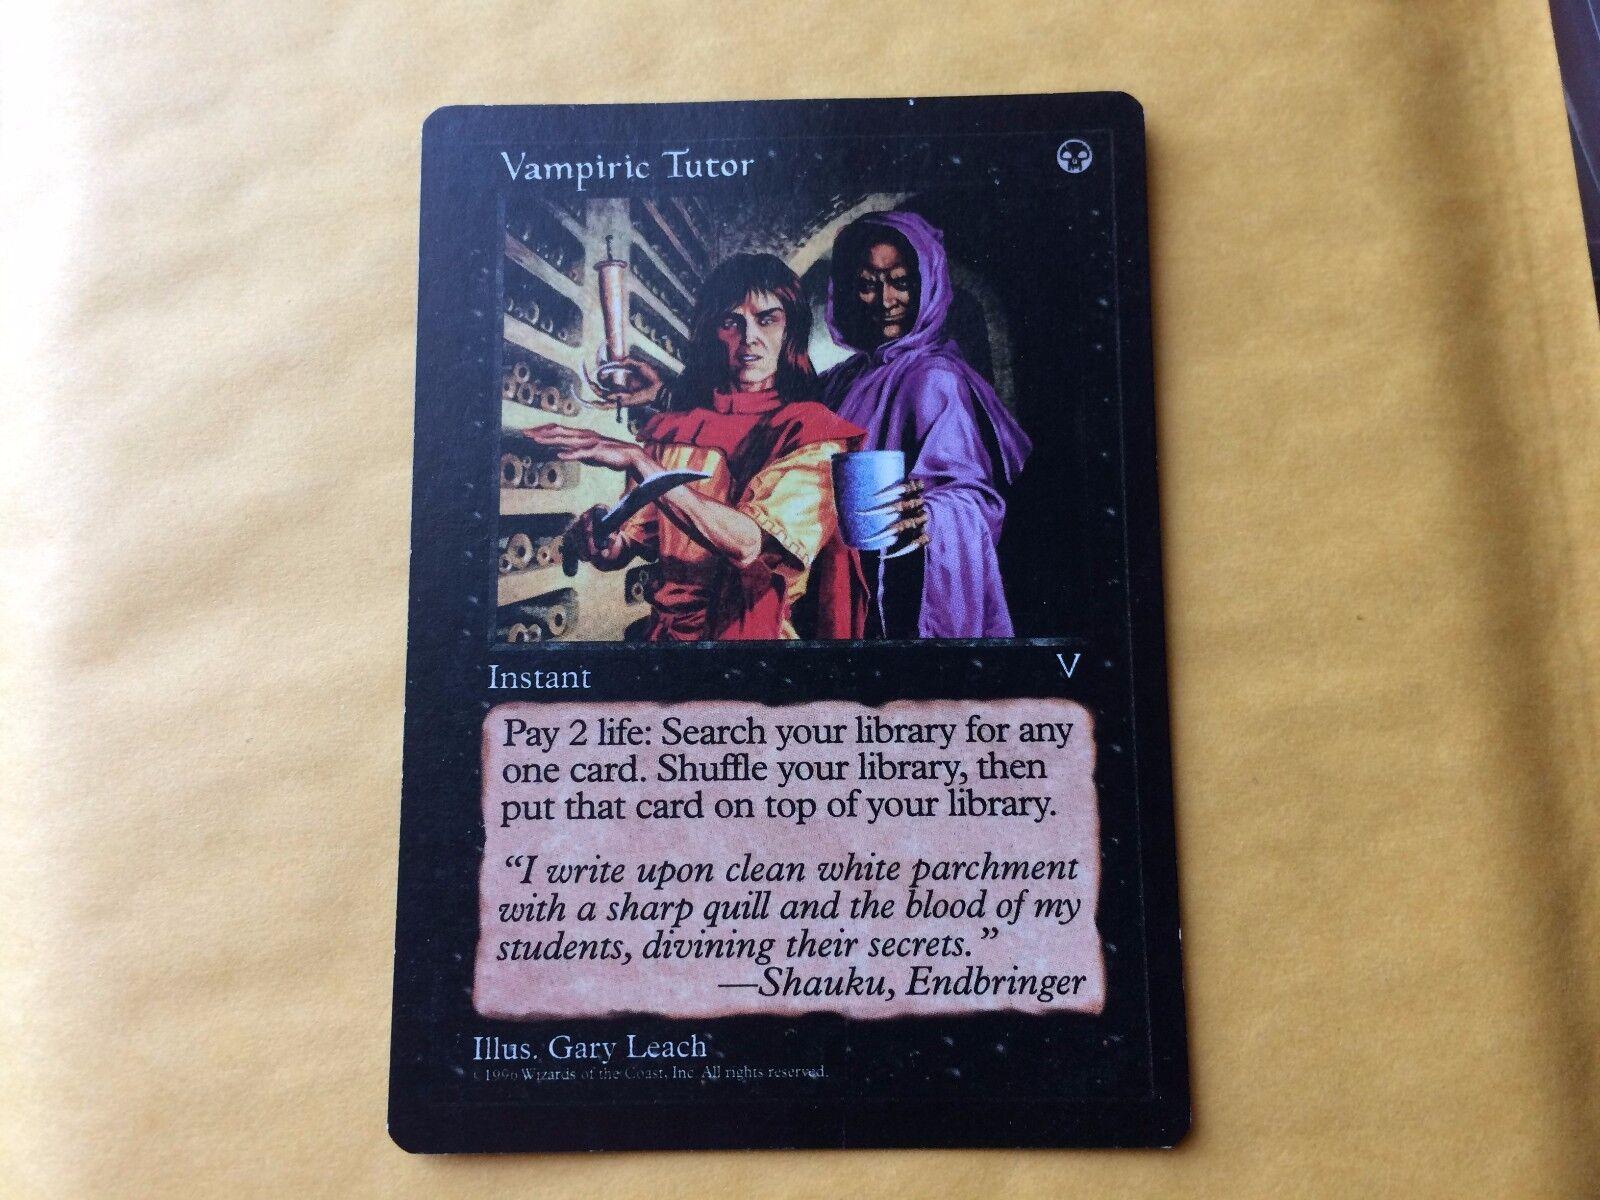 Druckfehler dunkle visionen vampirischen tutor fehler mtg magische karte   2